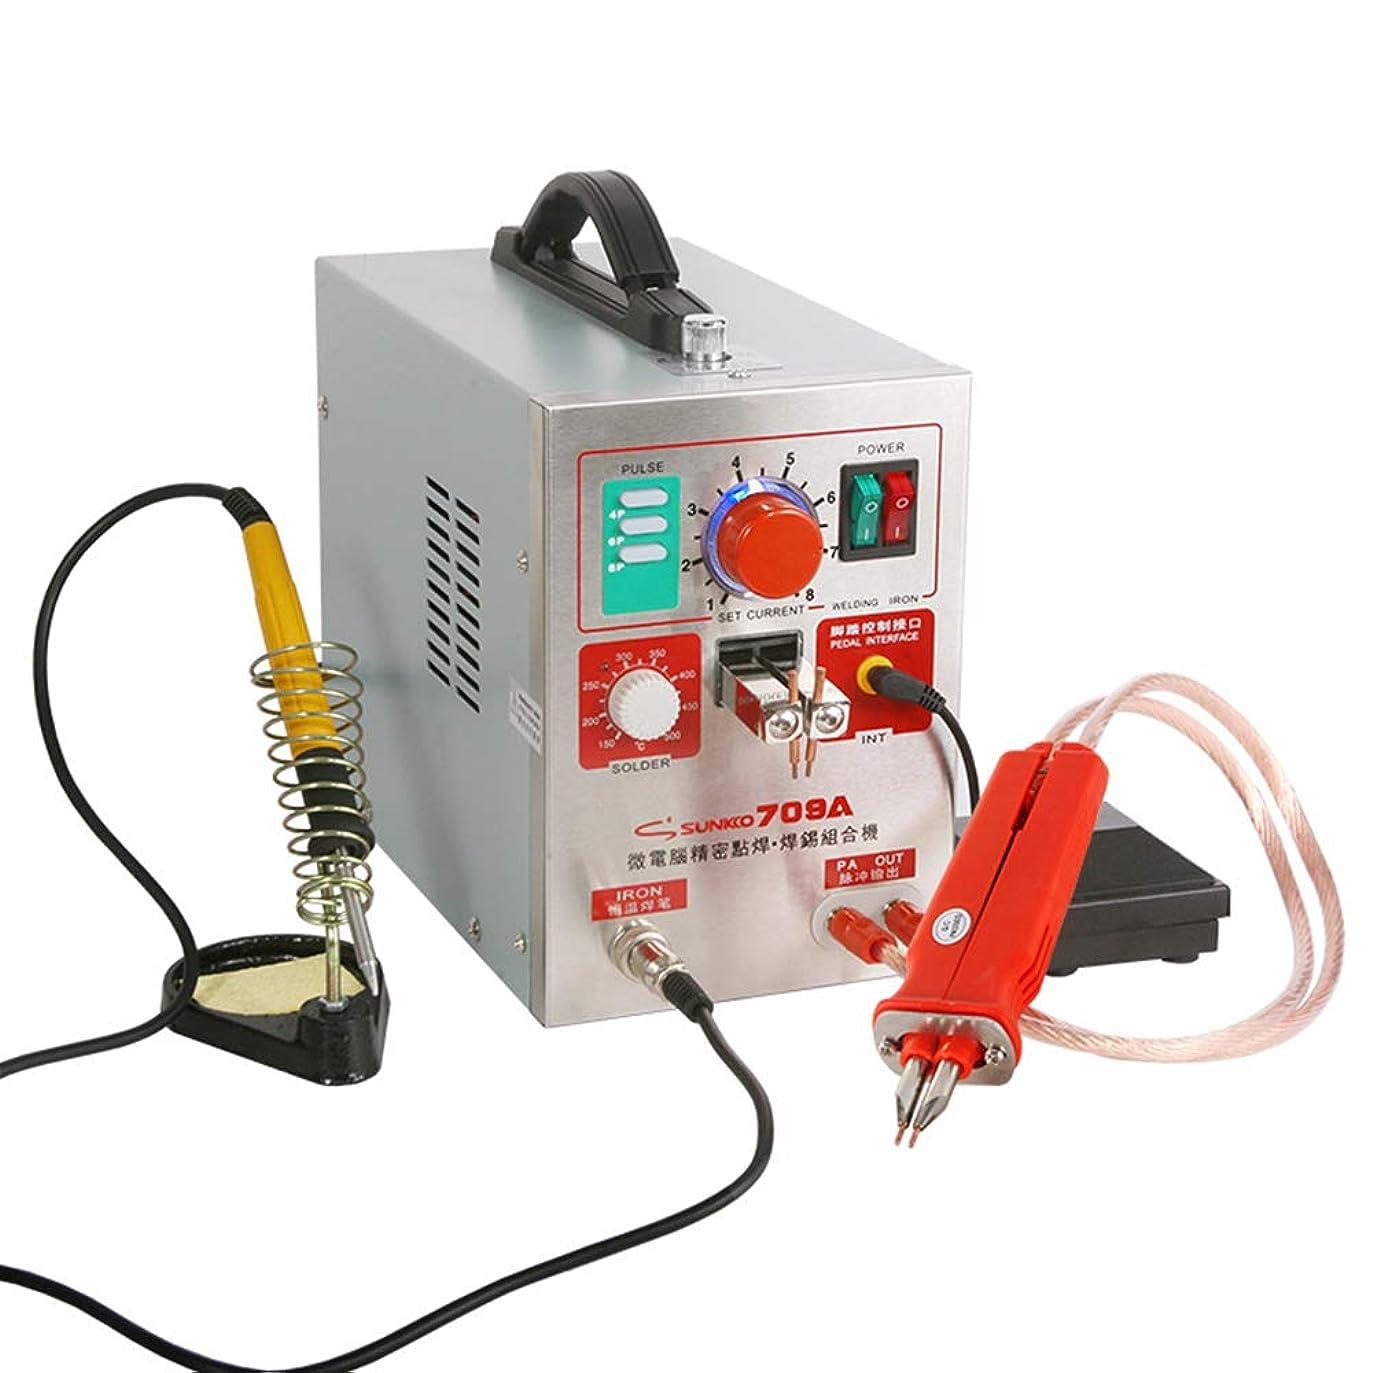 パッド幅区別ハイパワースポット溶接機、ハンドヘルドスポット溶接機、バッテリー専用溶接機、デジタルディスプレイユニバーサルペンニッケル